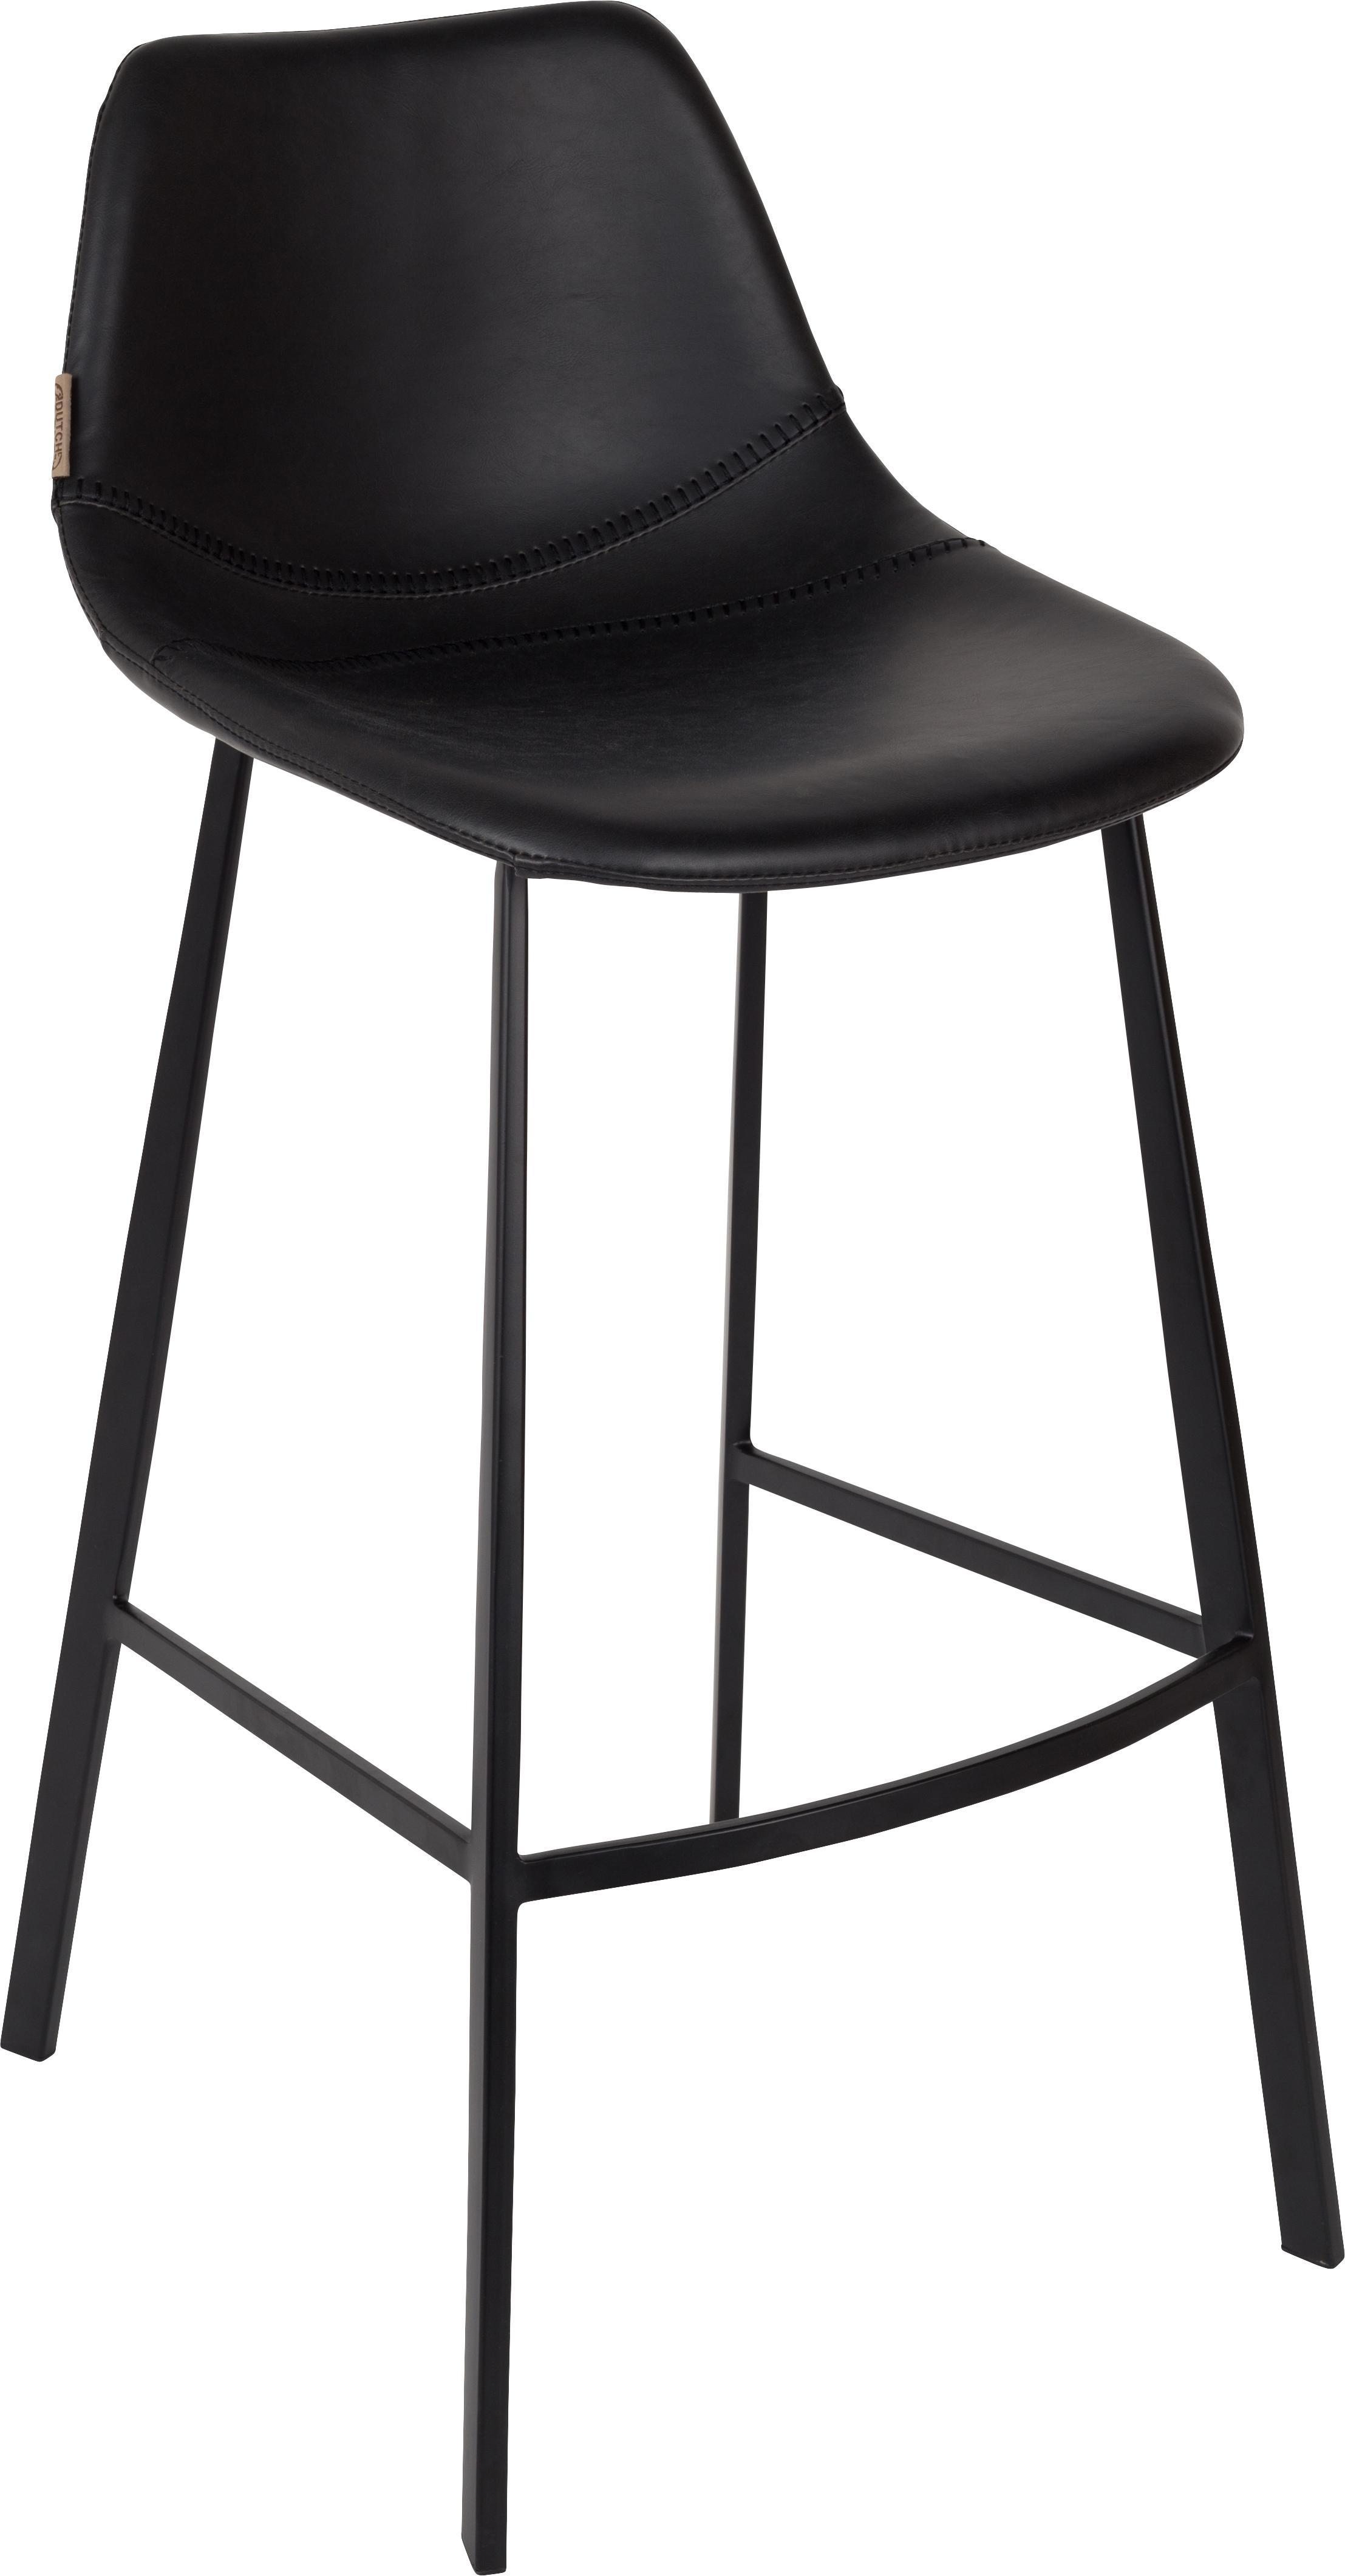 Kunstleren barkruk Franky, Bekleding: kunstleer (polyurethaan), Poten: gepoedercoat staal, Bekleding: zwart in Used Look Poten: zwart, 50 x 106 cm